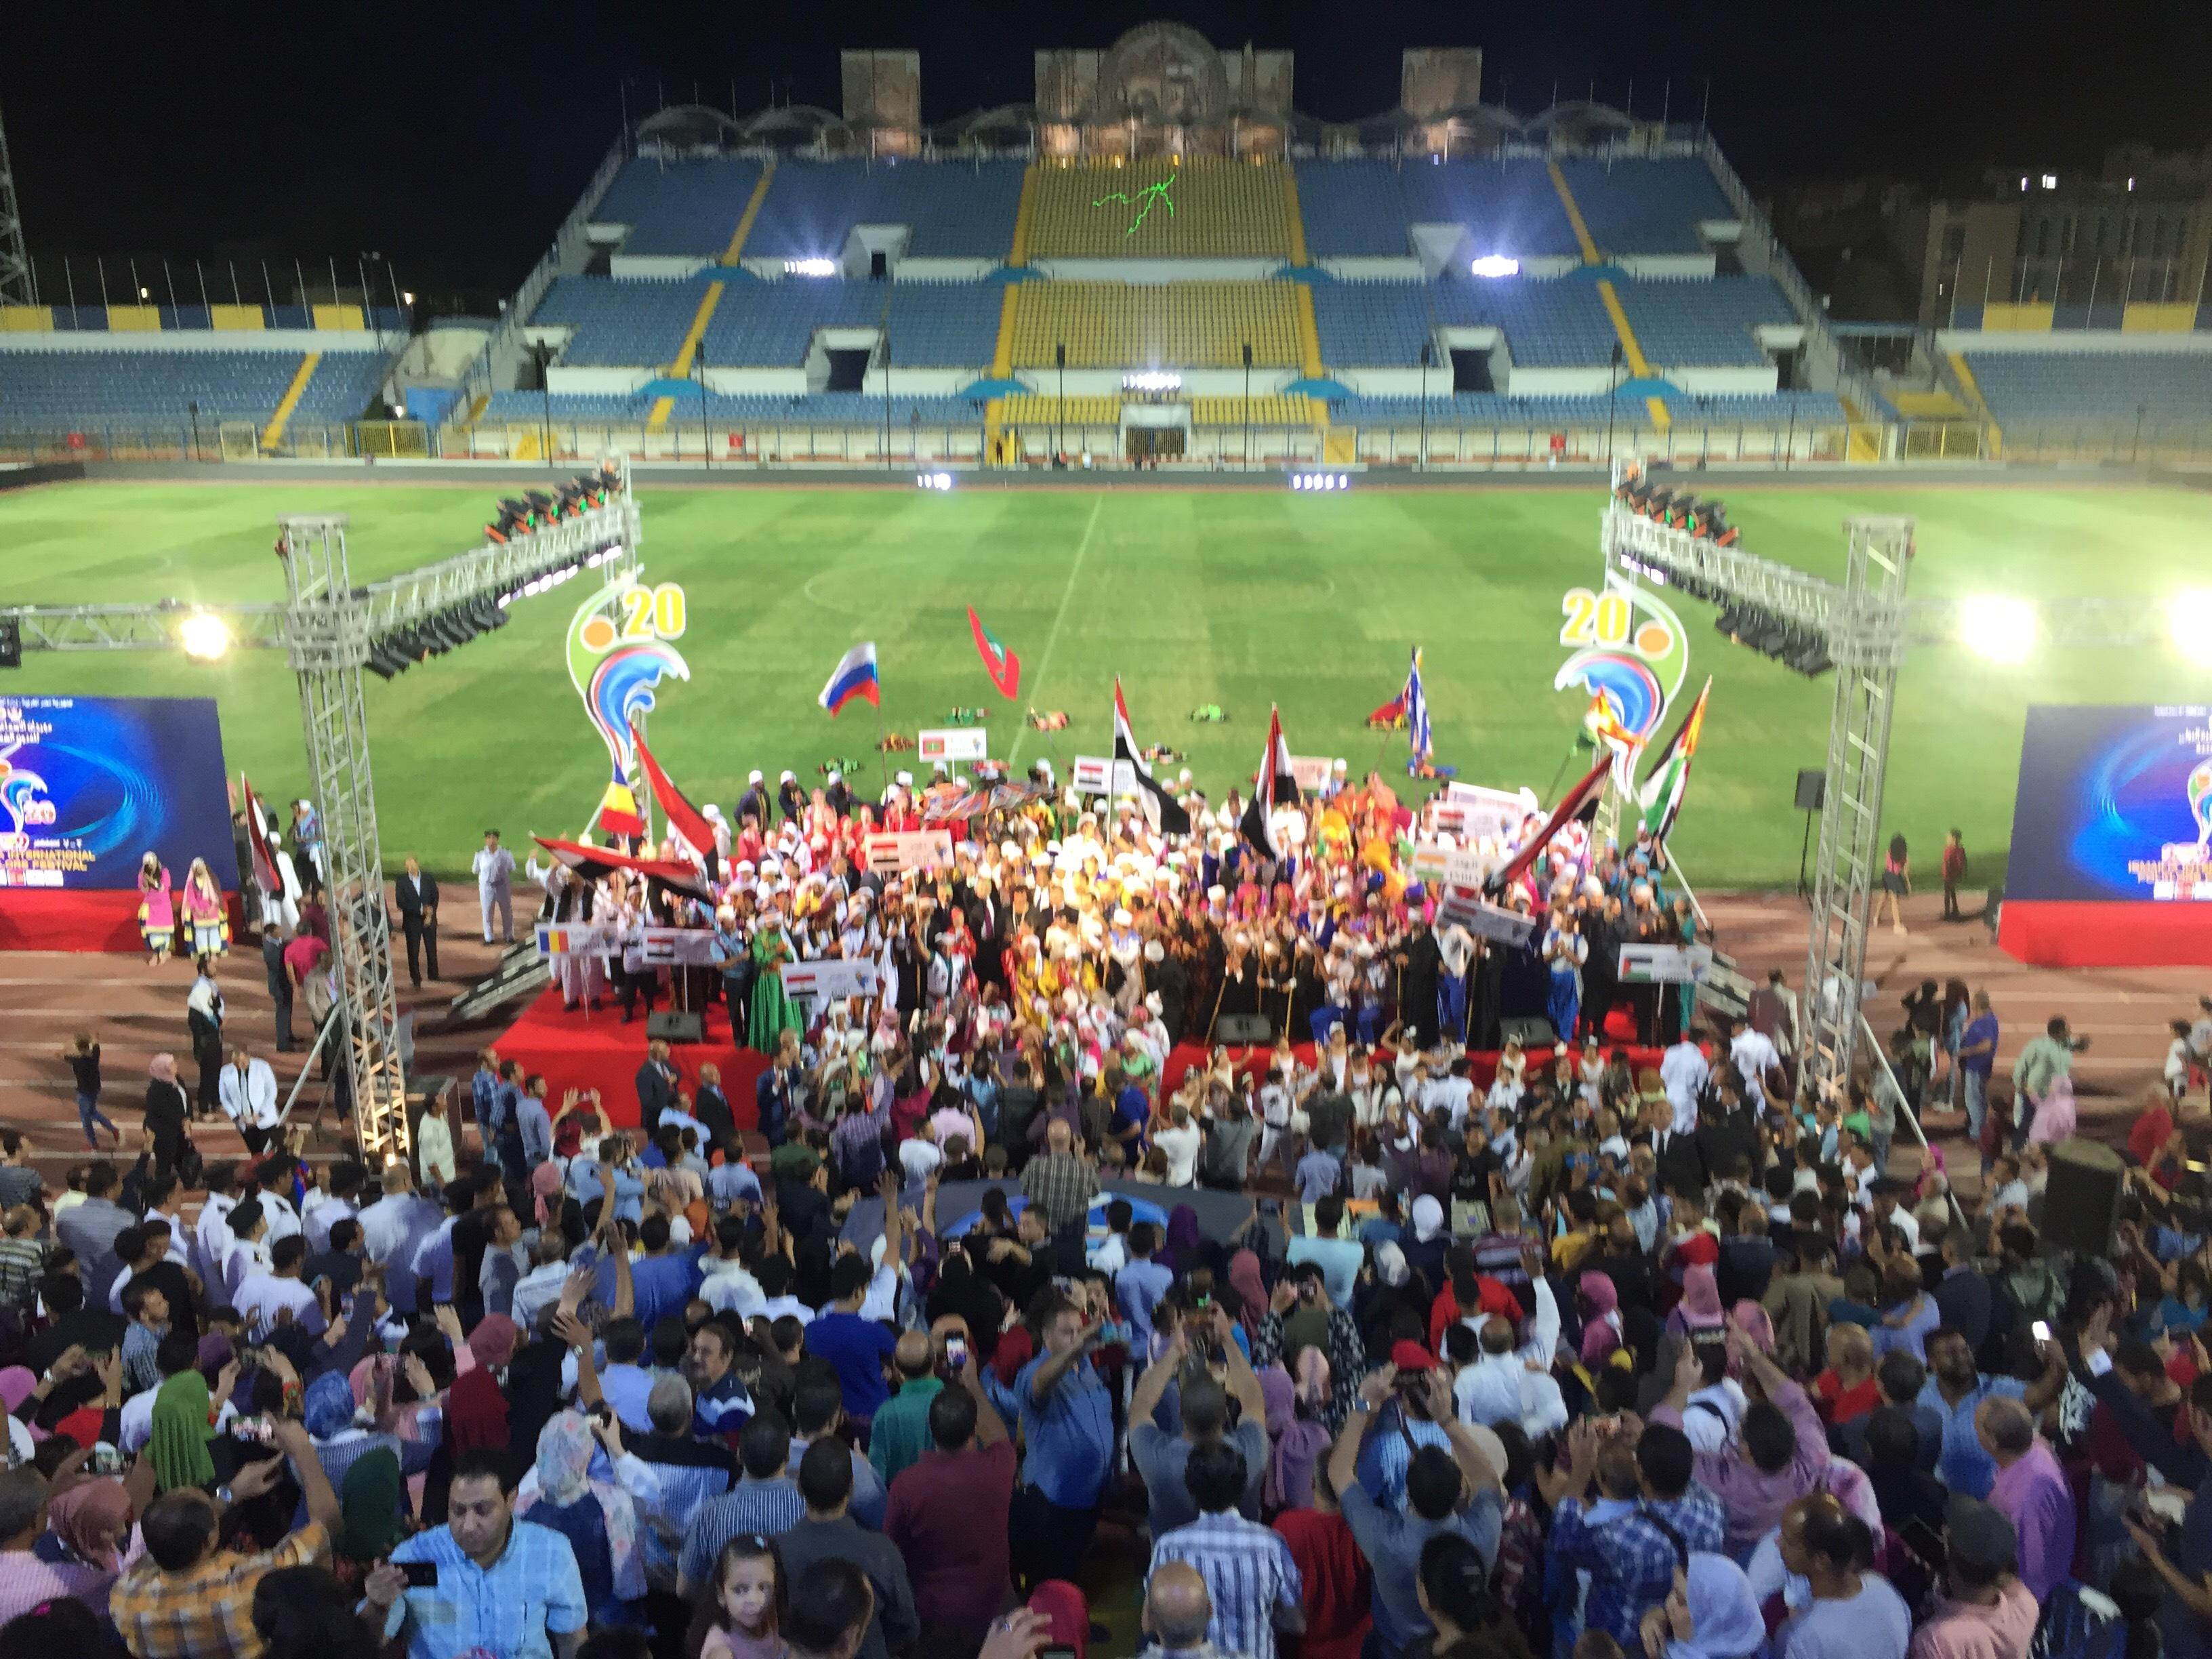 مهرجان الإسماعيلية الدولى العشرين للفنون الشعبية (14)